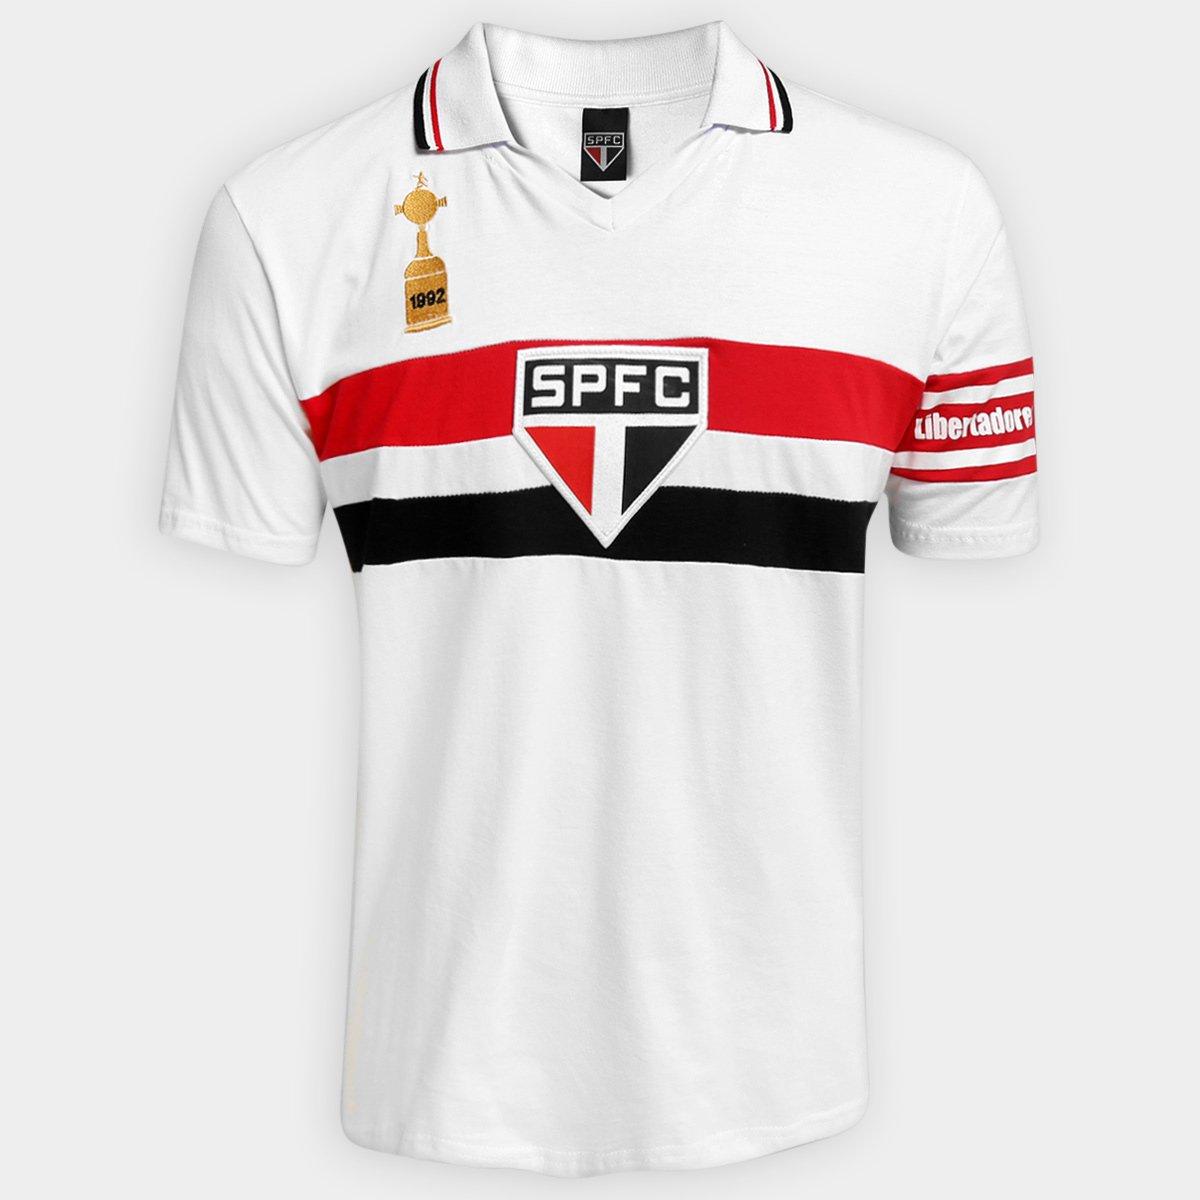 Camisa Polo São Paulo Capitães Libertadores 1992 Masculina - Branco ... 418a8f8ae8646